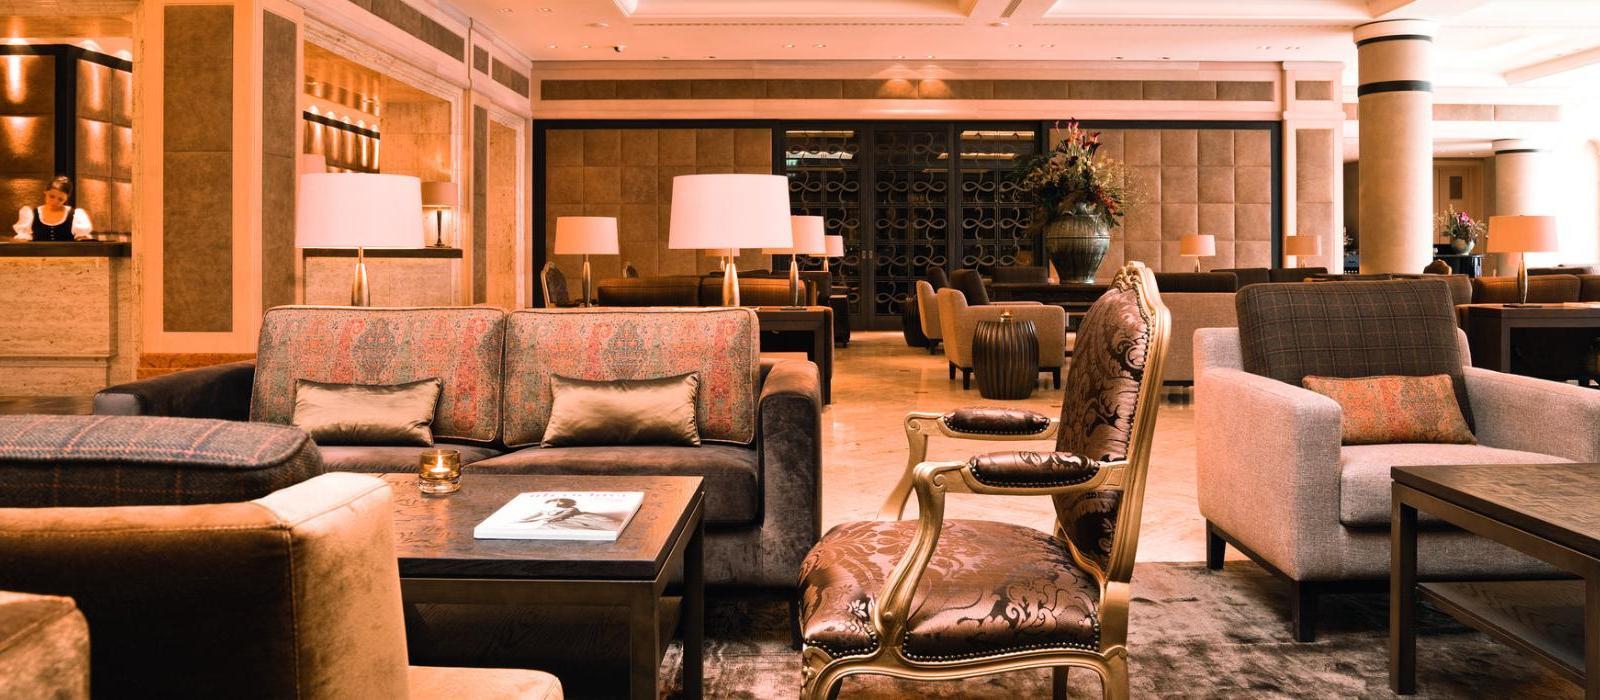 阿尔特霍夫厄贝法赫特湖景酒店(Althoff Seehotel Uberfahrt) 图片  www.lhw.cn